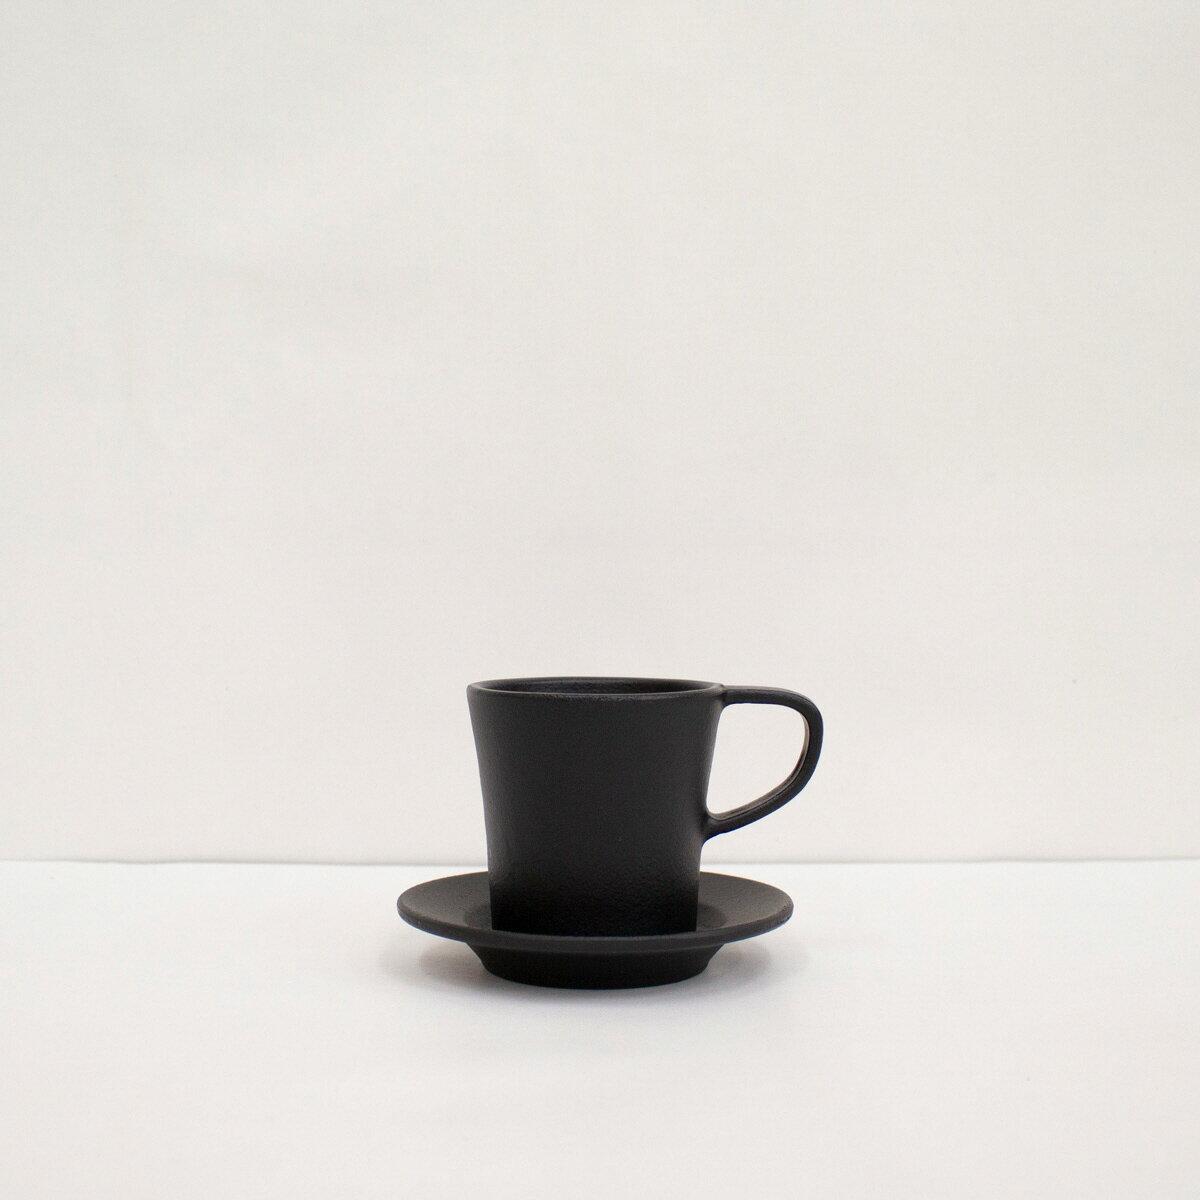 【ふるさと納税】 桑原鋳工 鋳物製エスプレッソカップ